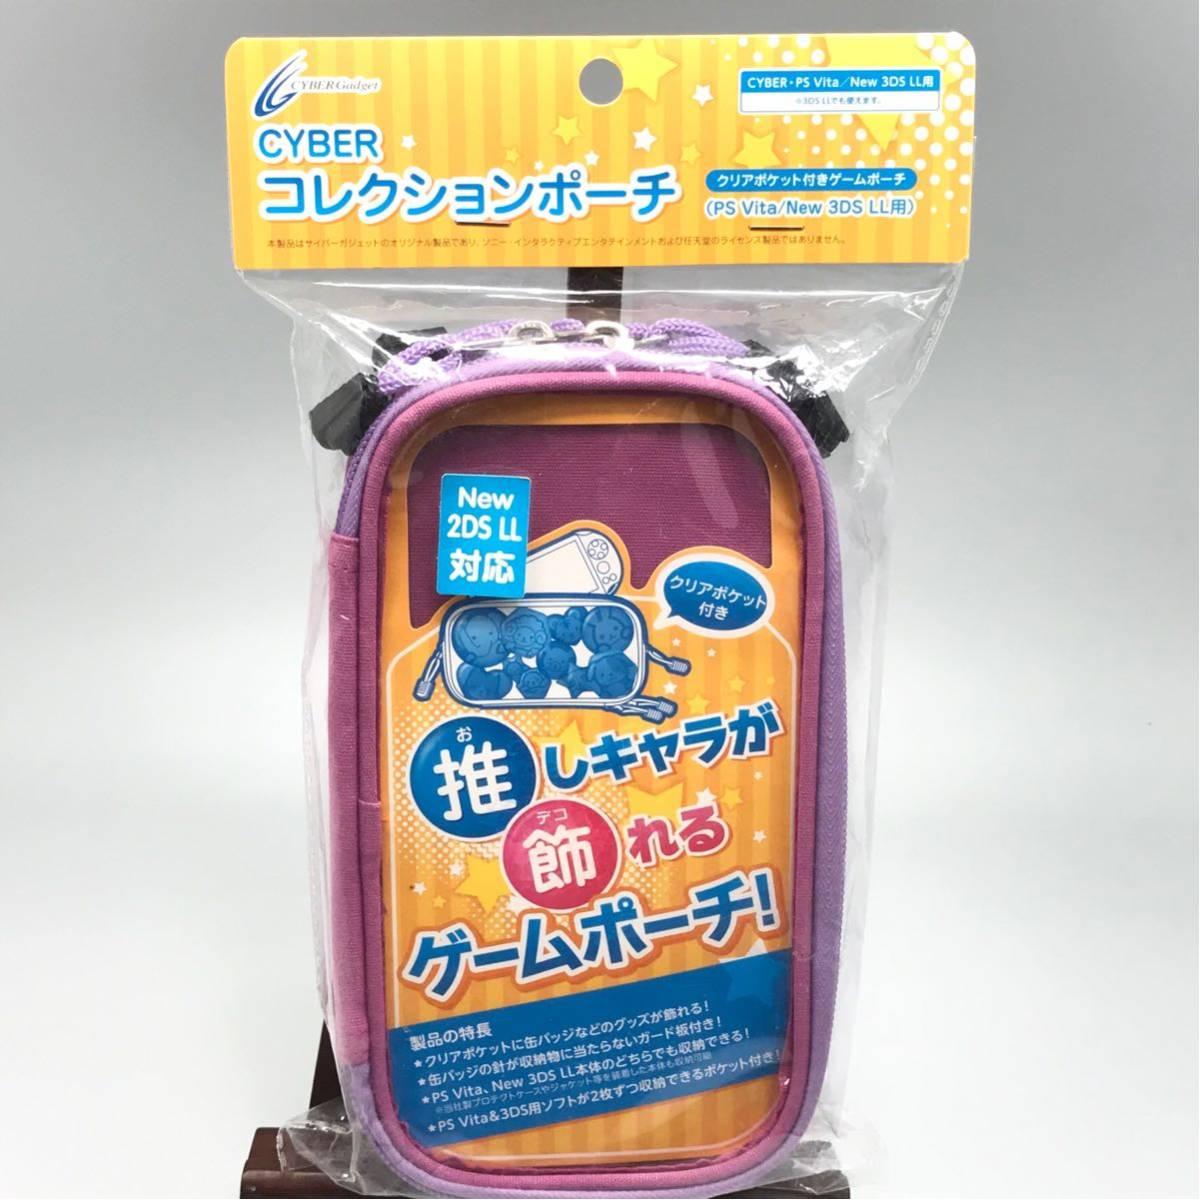 コレクション ポーチ PS Vita New 3DS LL パープル ケース ゲーム カバー 保護 小物 ソニー ニンテンドー 任天堂 携帯ゲーム機 透明_画像1